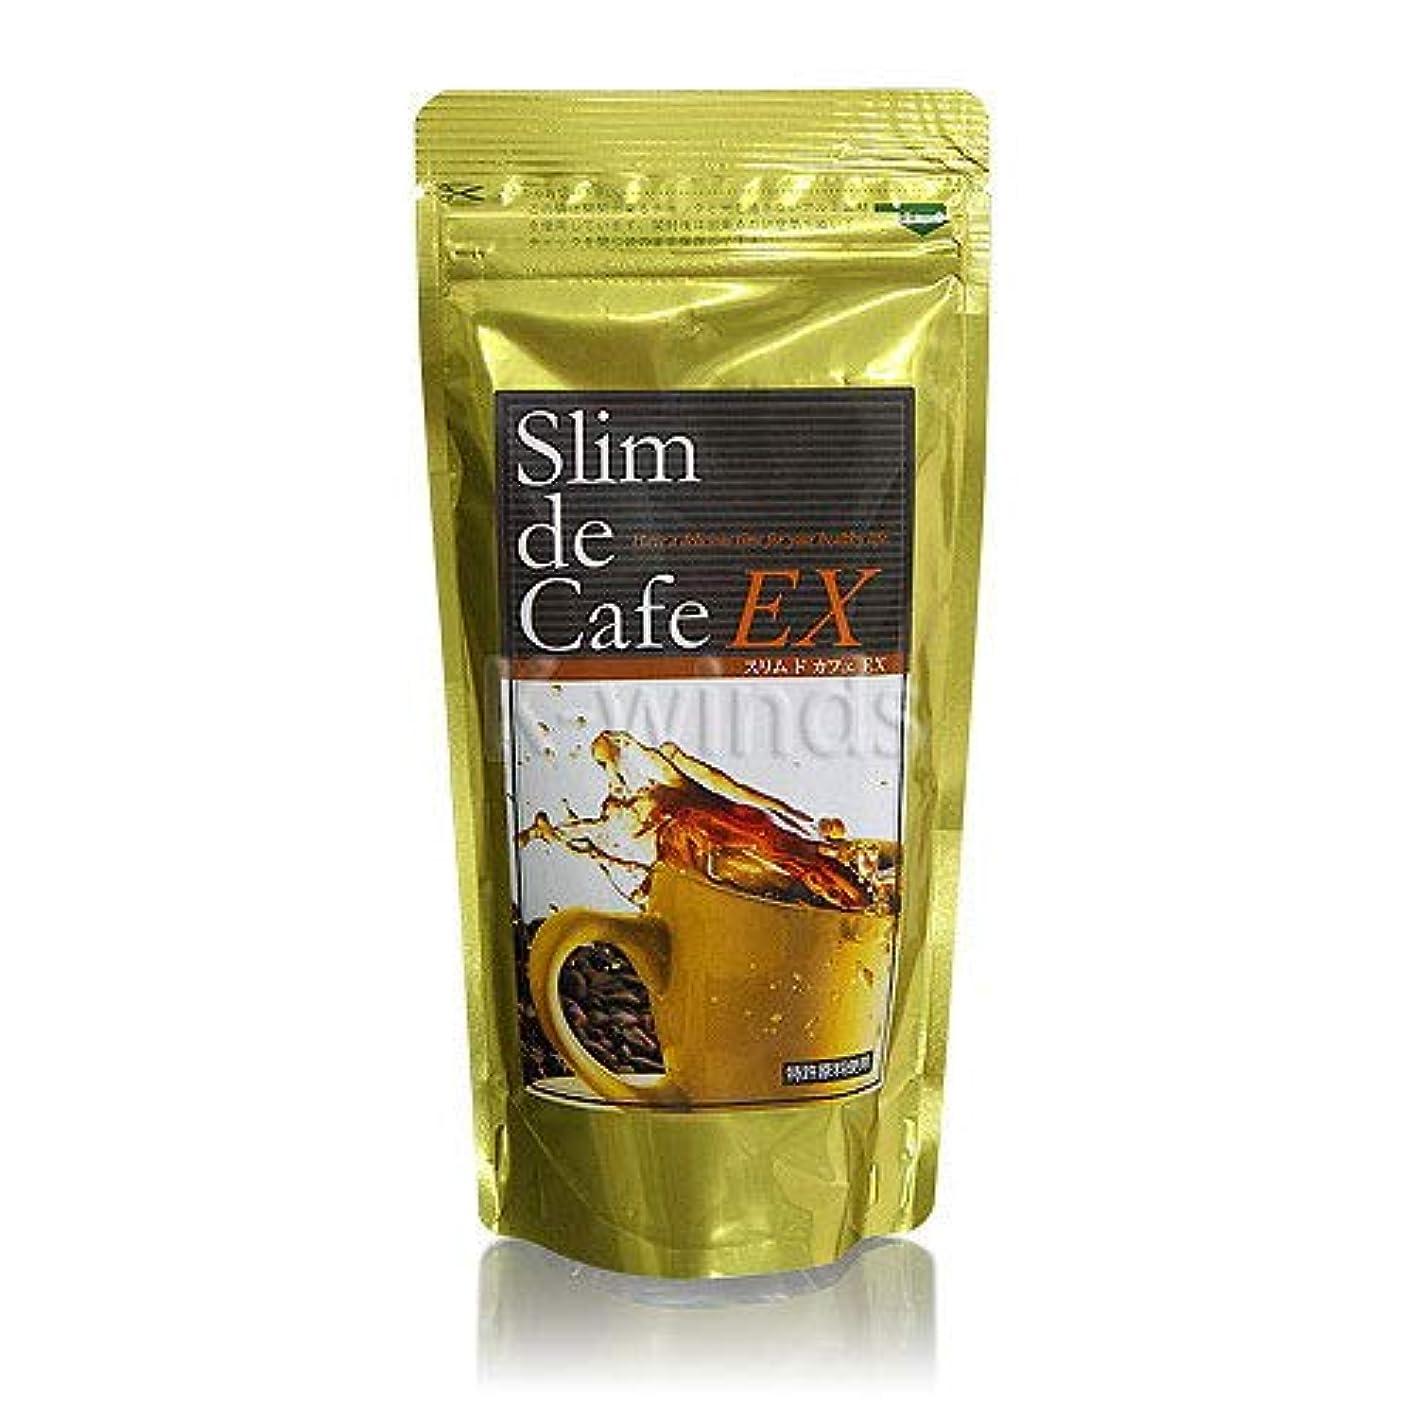 季節壊れた首尾一貫したスリムドカフェ EX (コーヒー粉末)100g 3袋セット